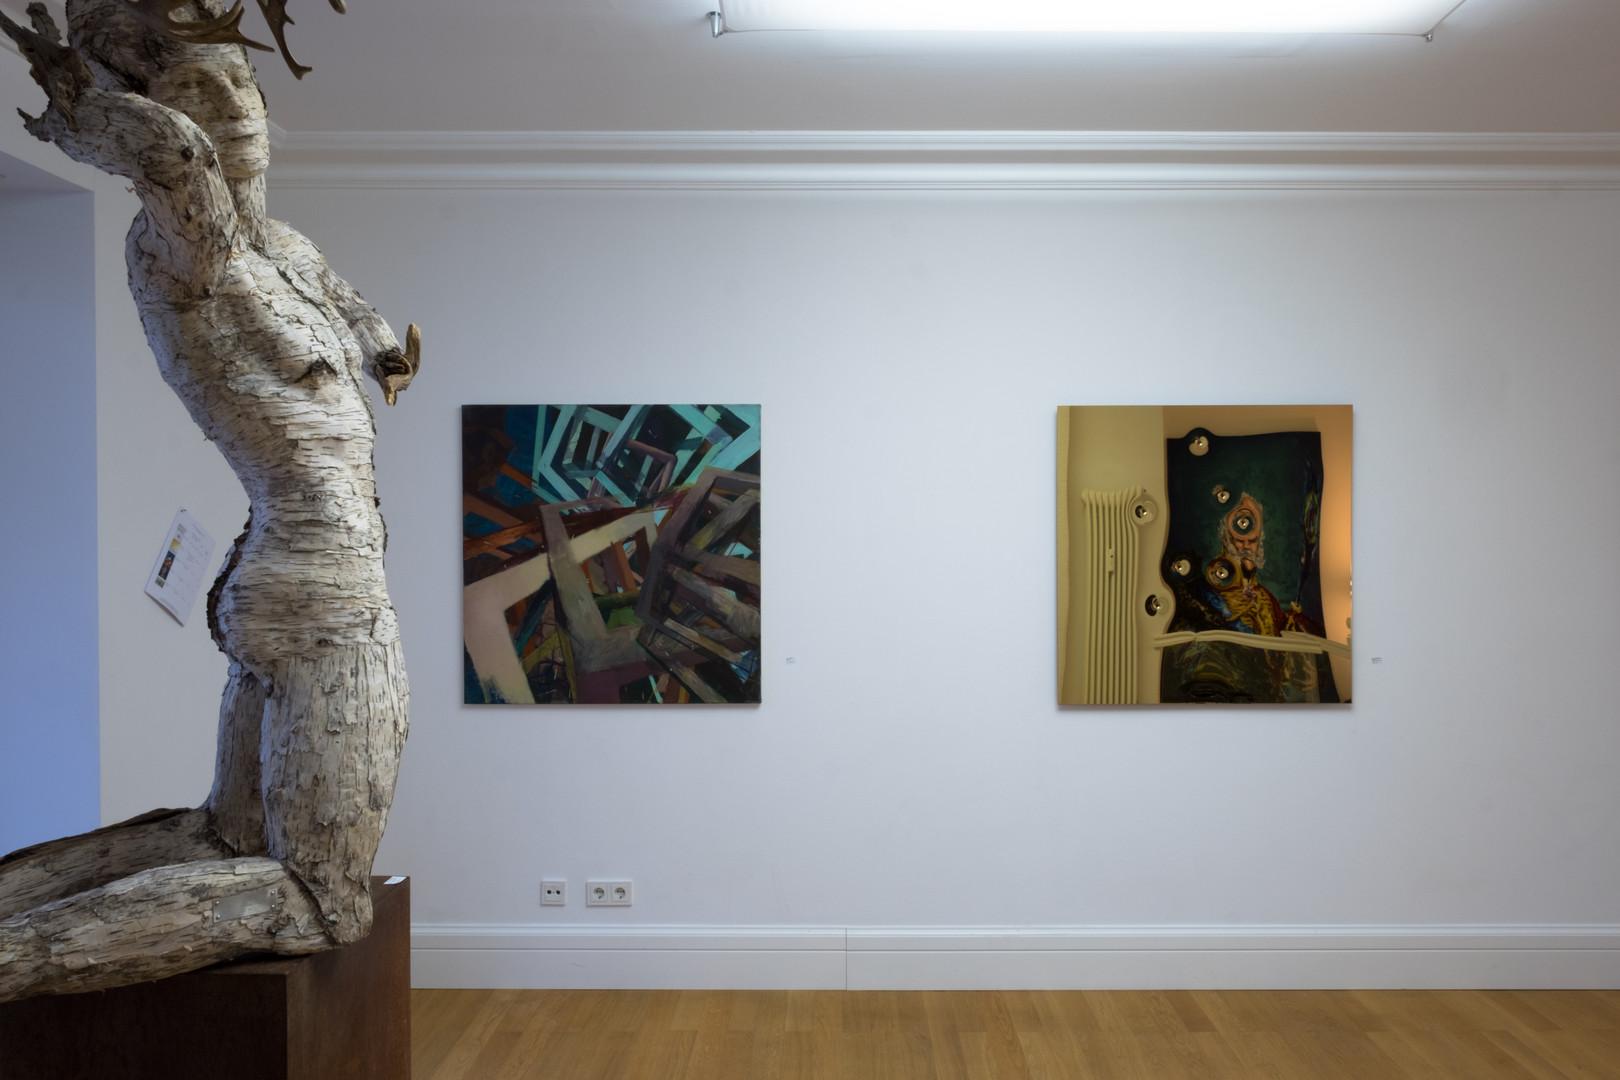 """Ausstellungsansicht """"Szenenwechsel"""": Holzskulptur Waldgott von Friedrich Schreiber, Malerei von Christoph Kern, Installation von John Franzen"""